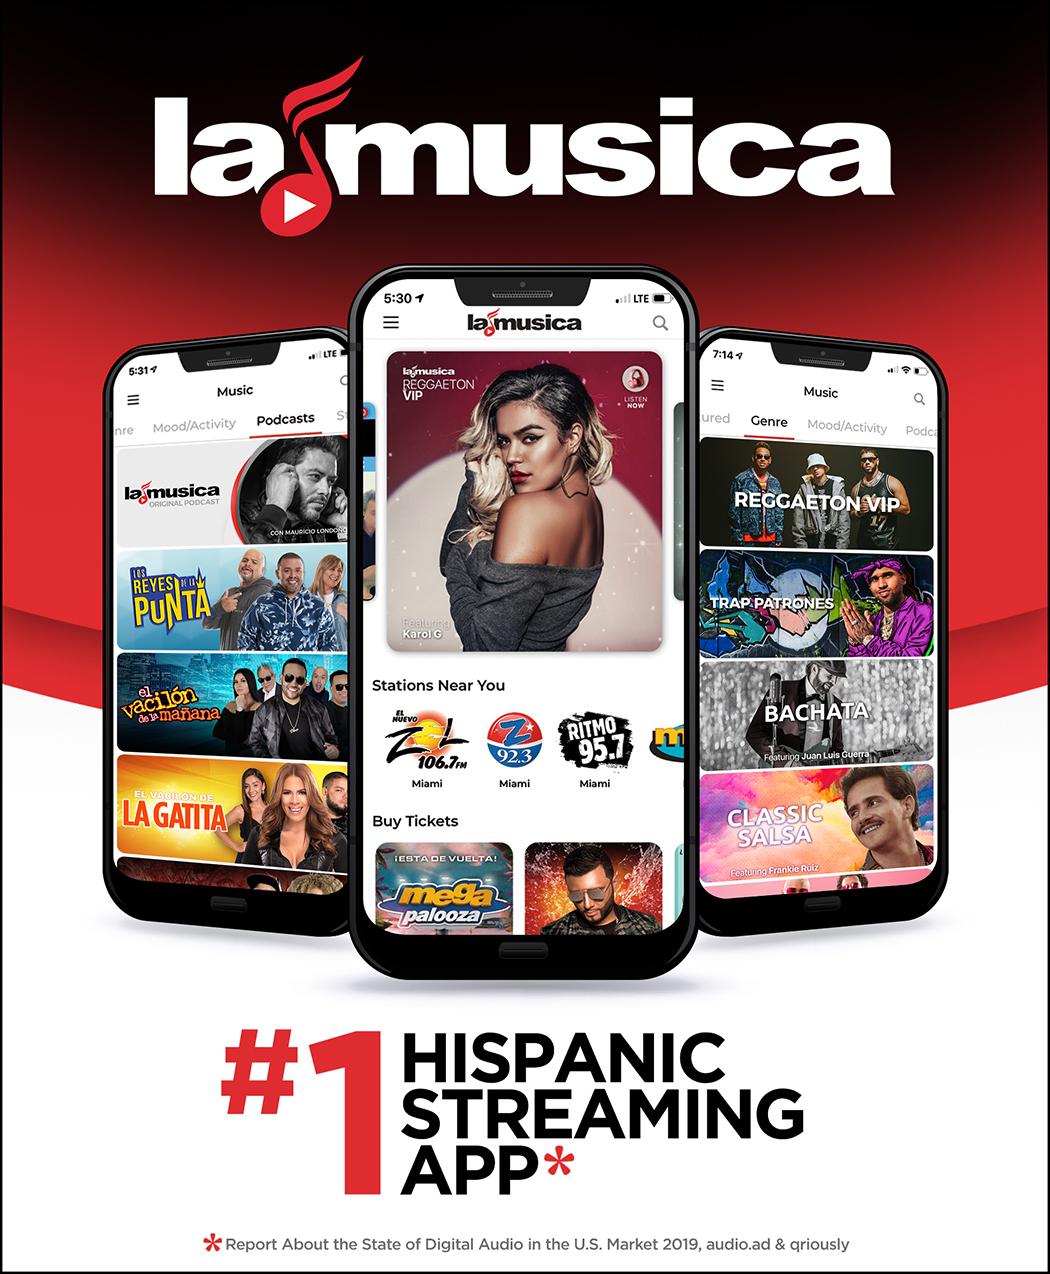 LaMusica for press release